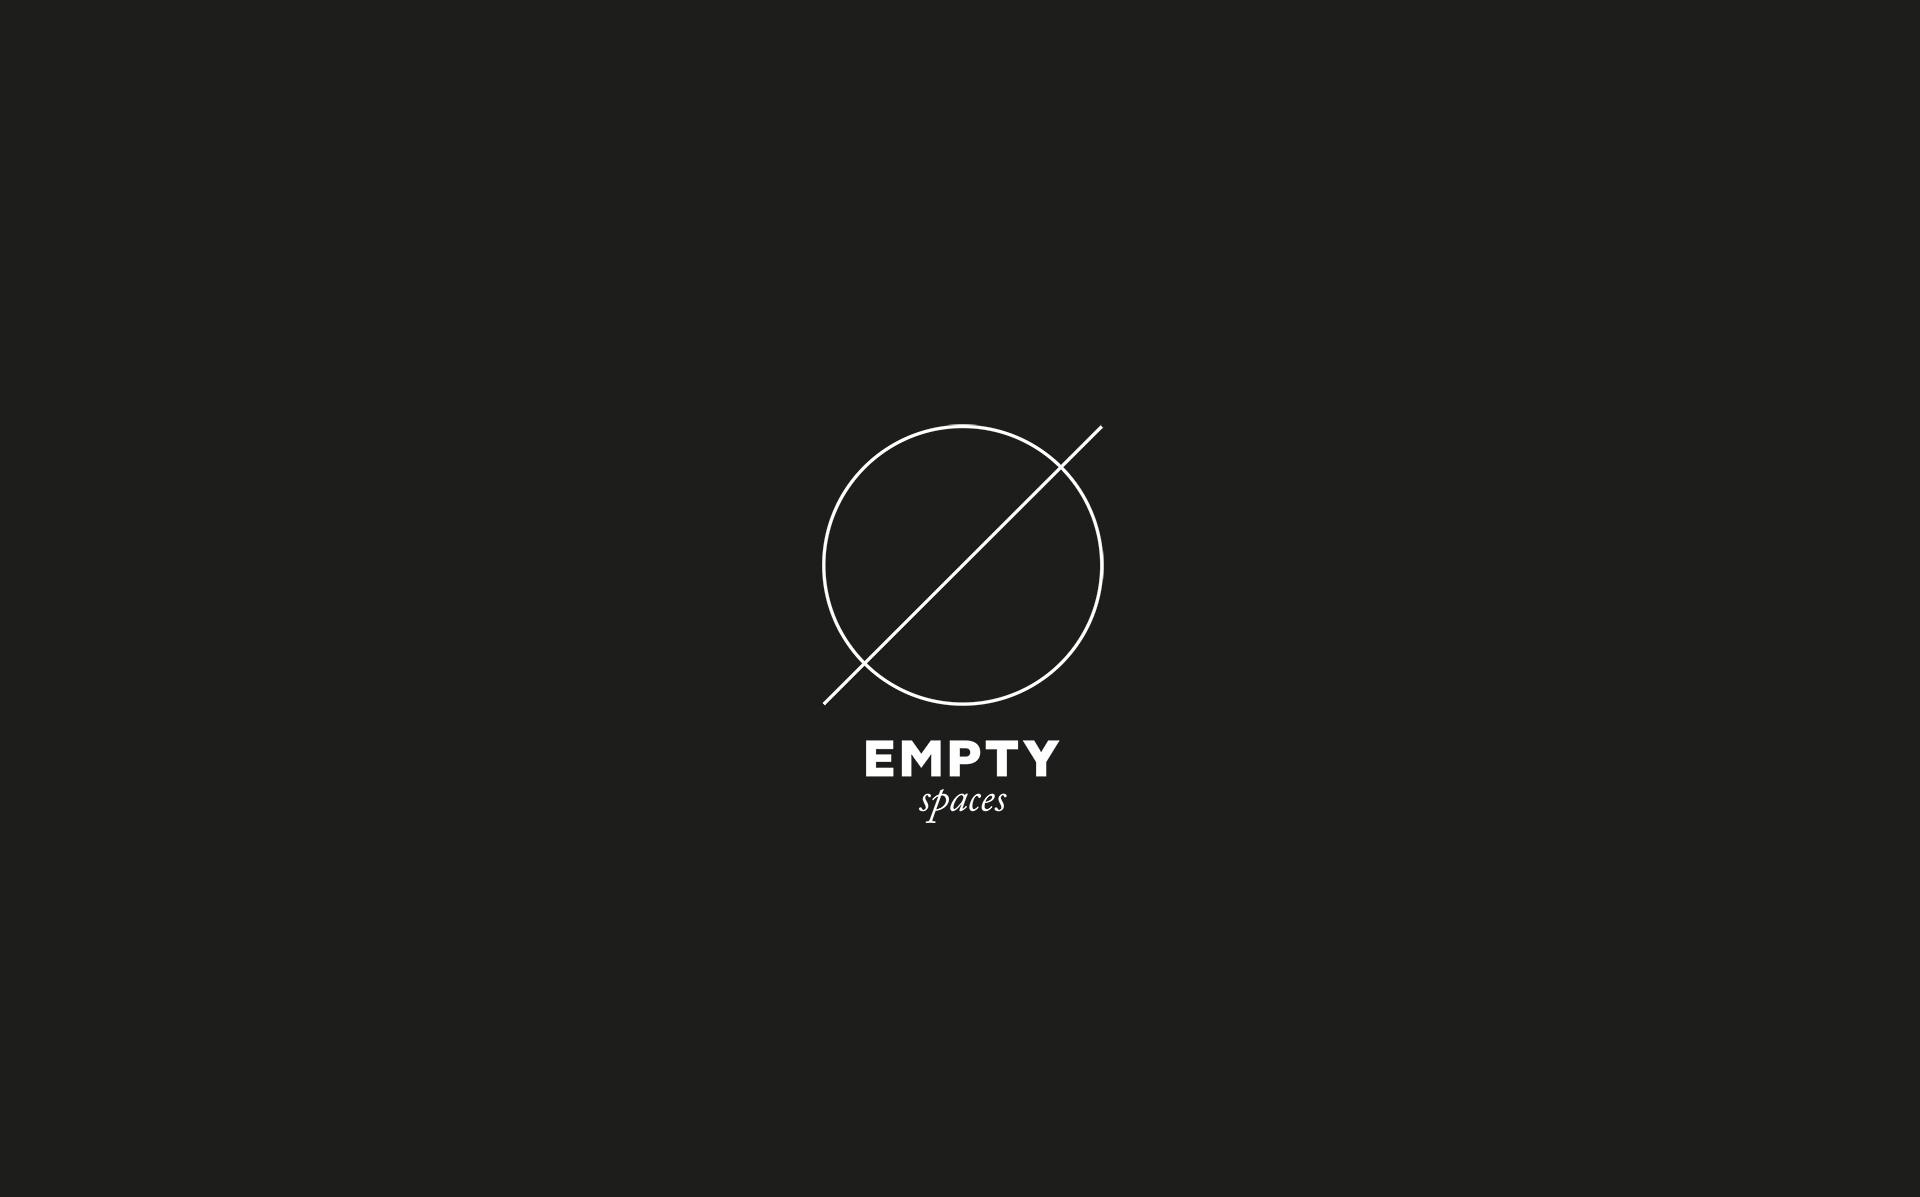 empty-spaces-logo